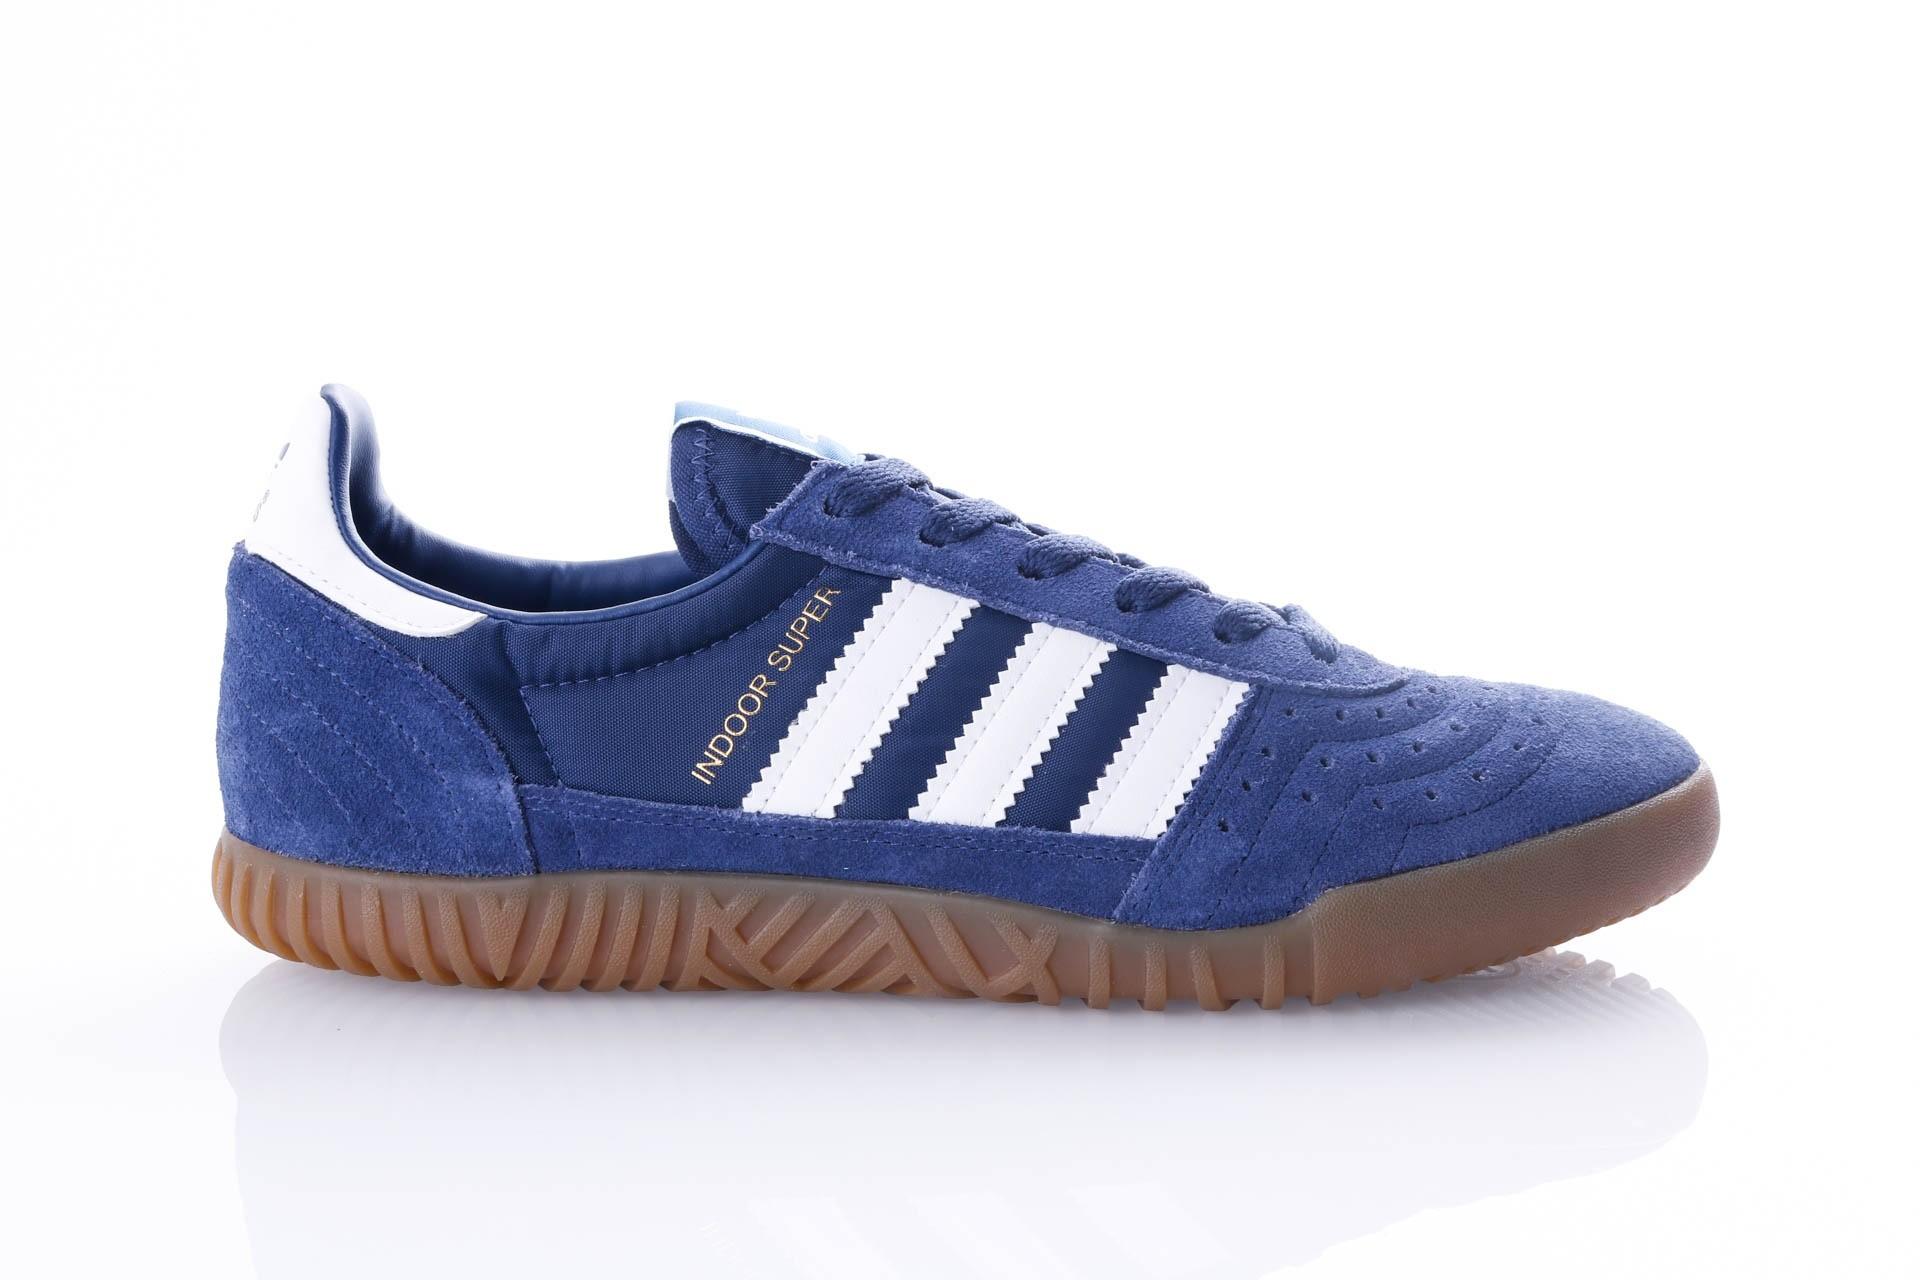 645c184bb13 Adidas Indoor Super B41522 Sneakers NOBLE INDIGO S18/FTWR WHITE/GUM4